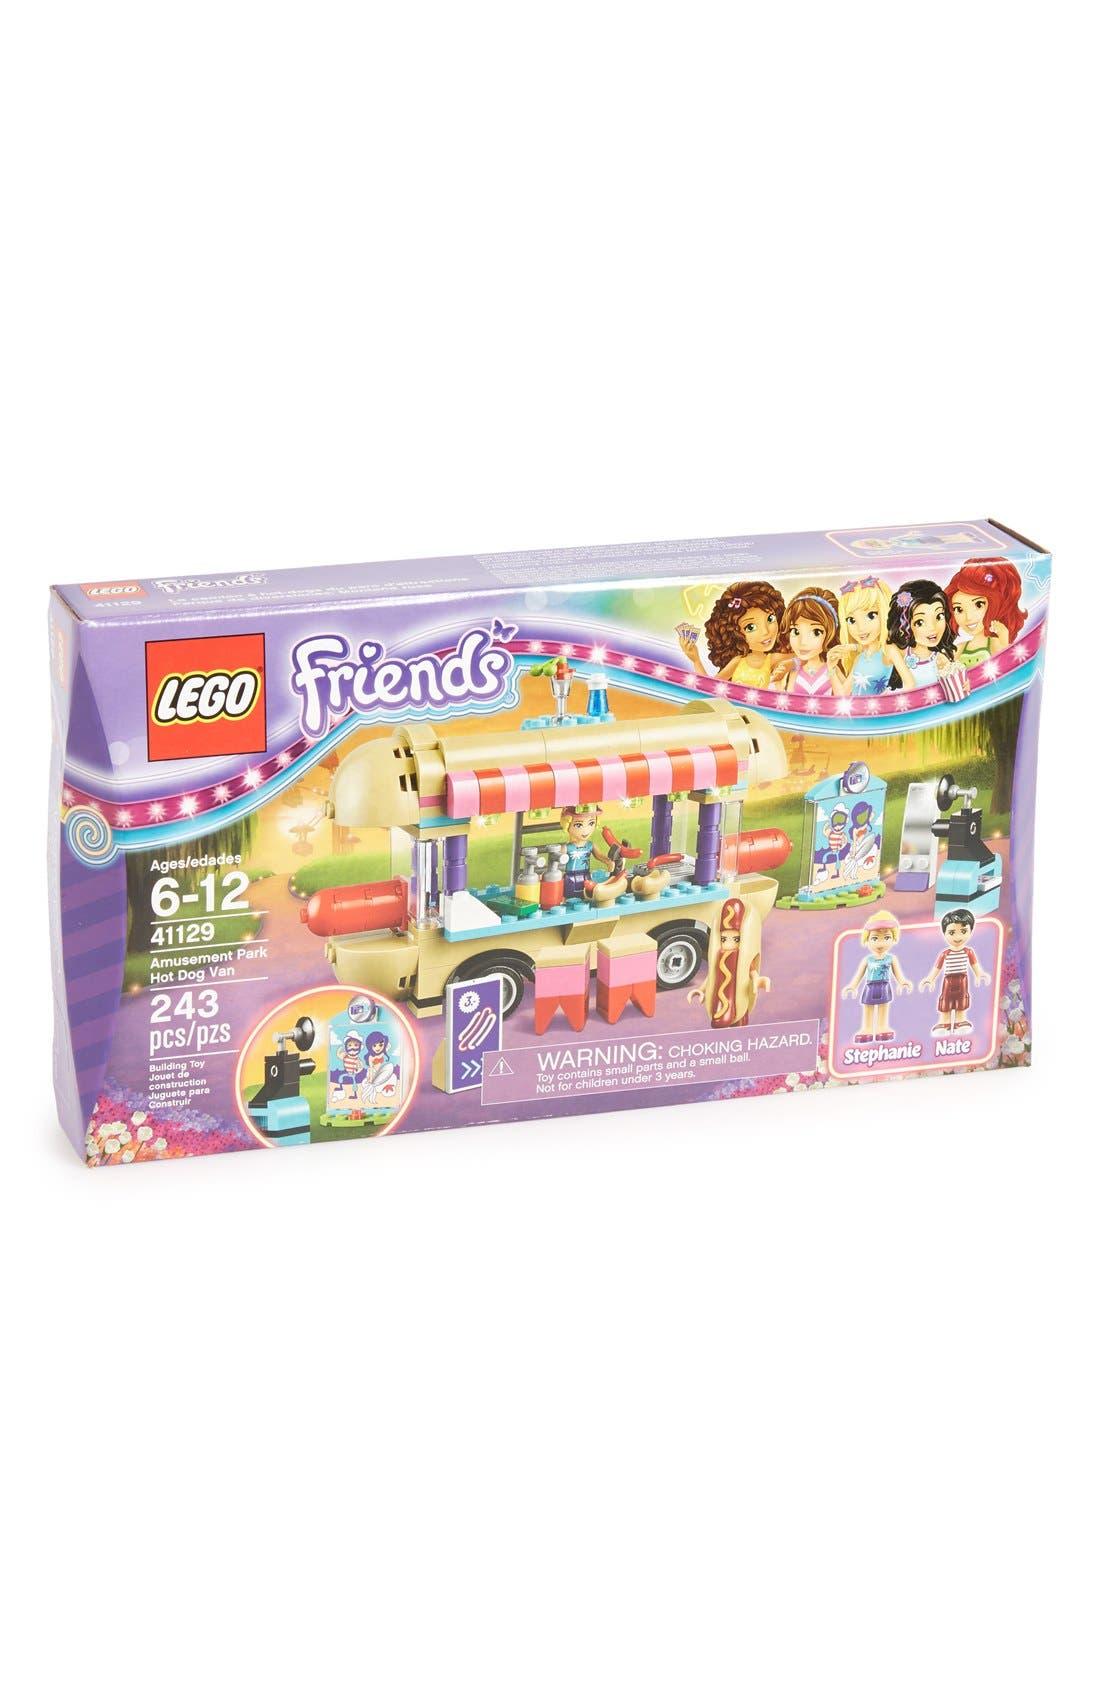 Friends Amusement Park Hot Dog Van - 41129,                             Main thumbnail 1, color,                             500